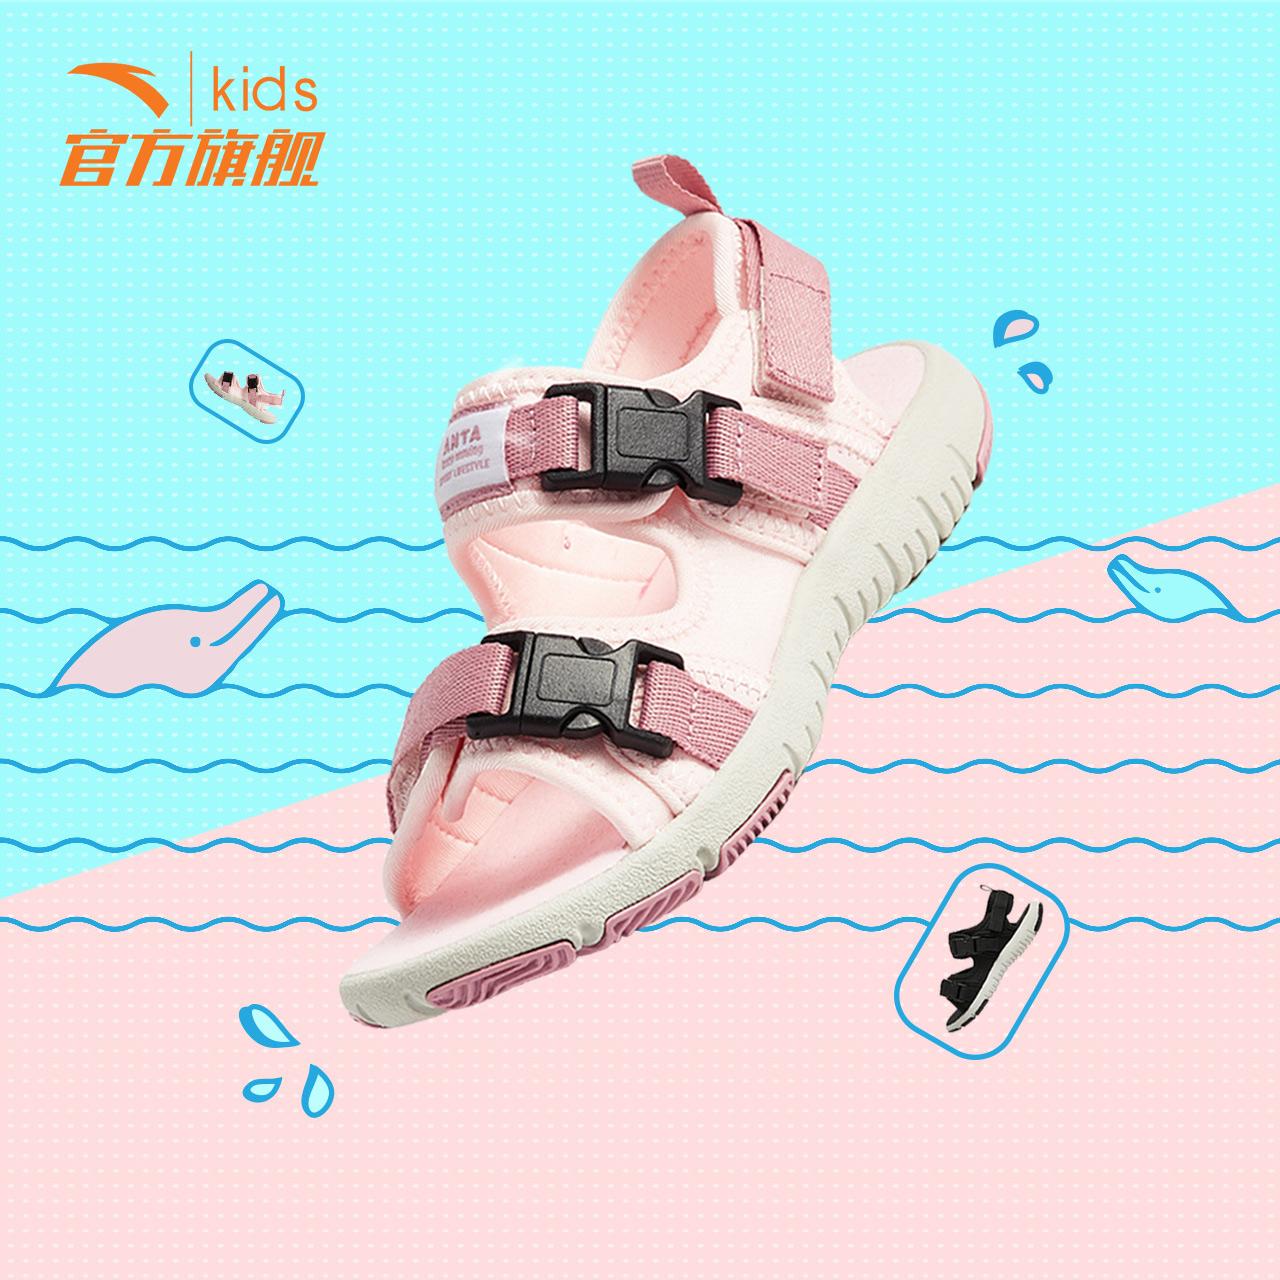 安踏儿童凉鞋 女小童凉鞋2018新款儿童沙滩鞋夏季宝宝凉鞋女童